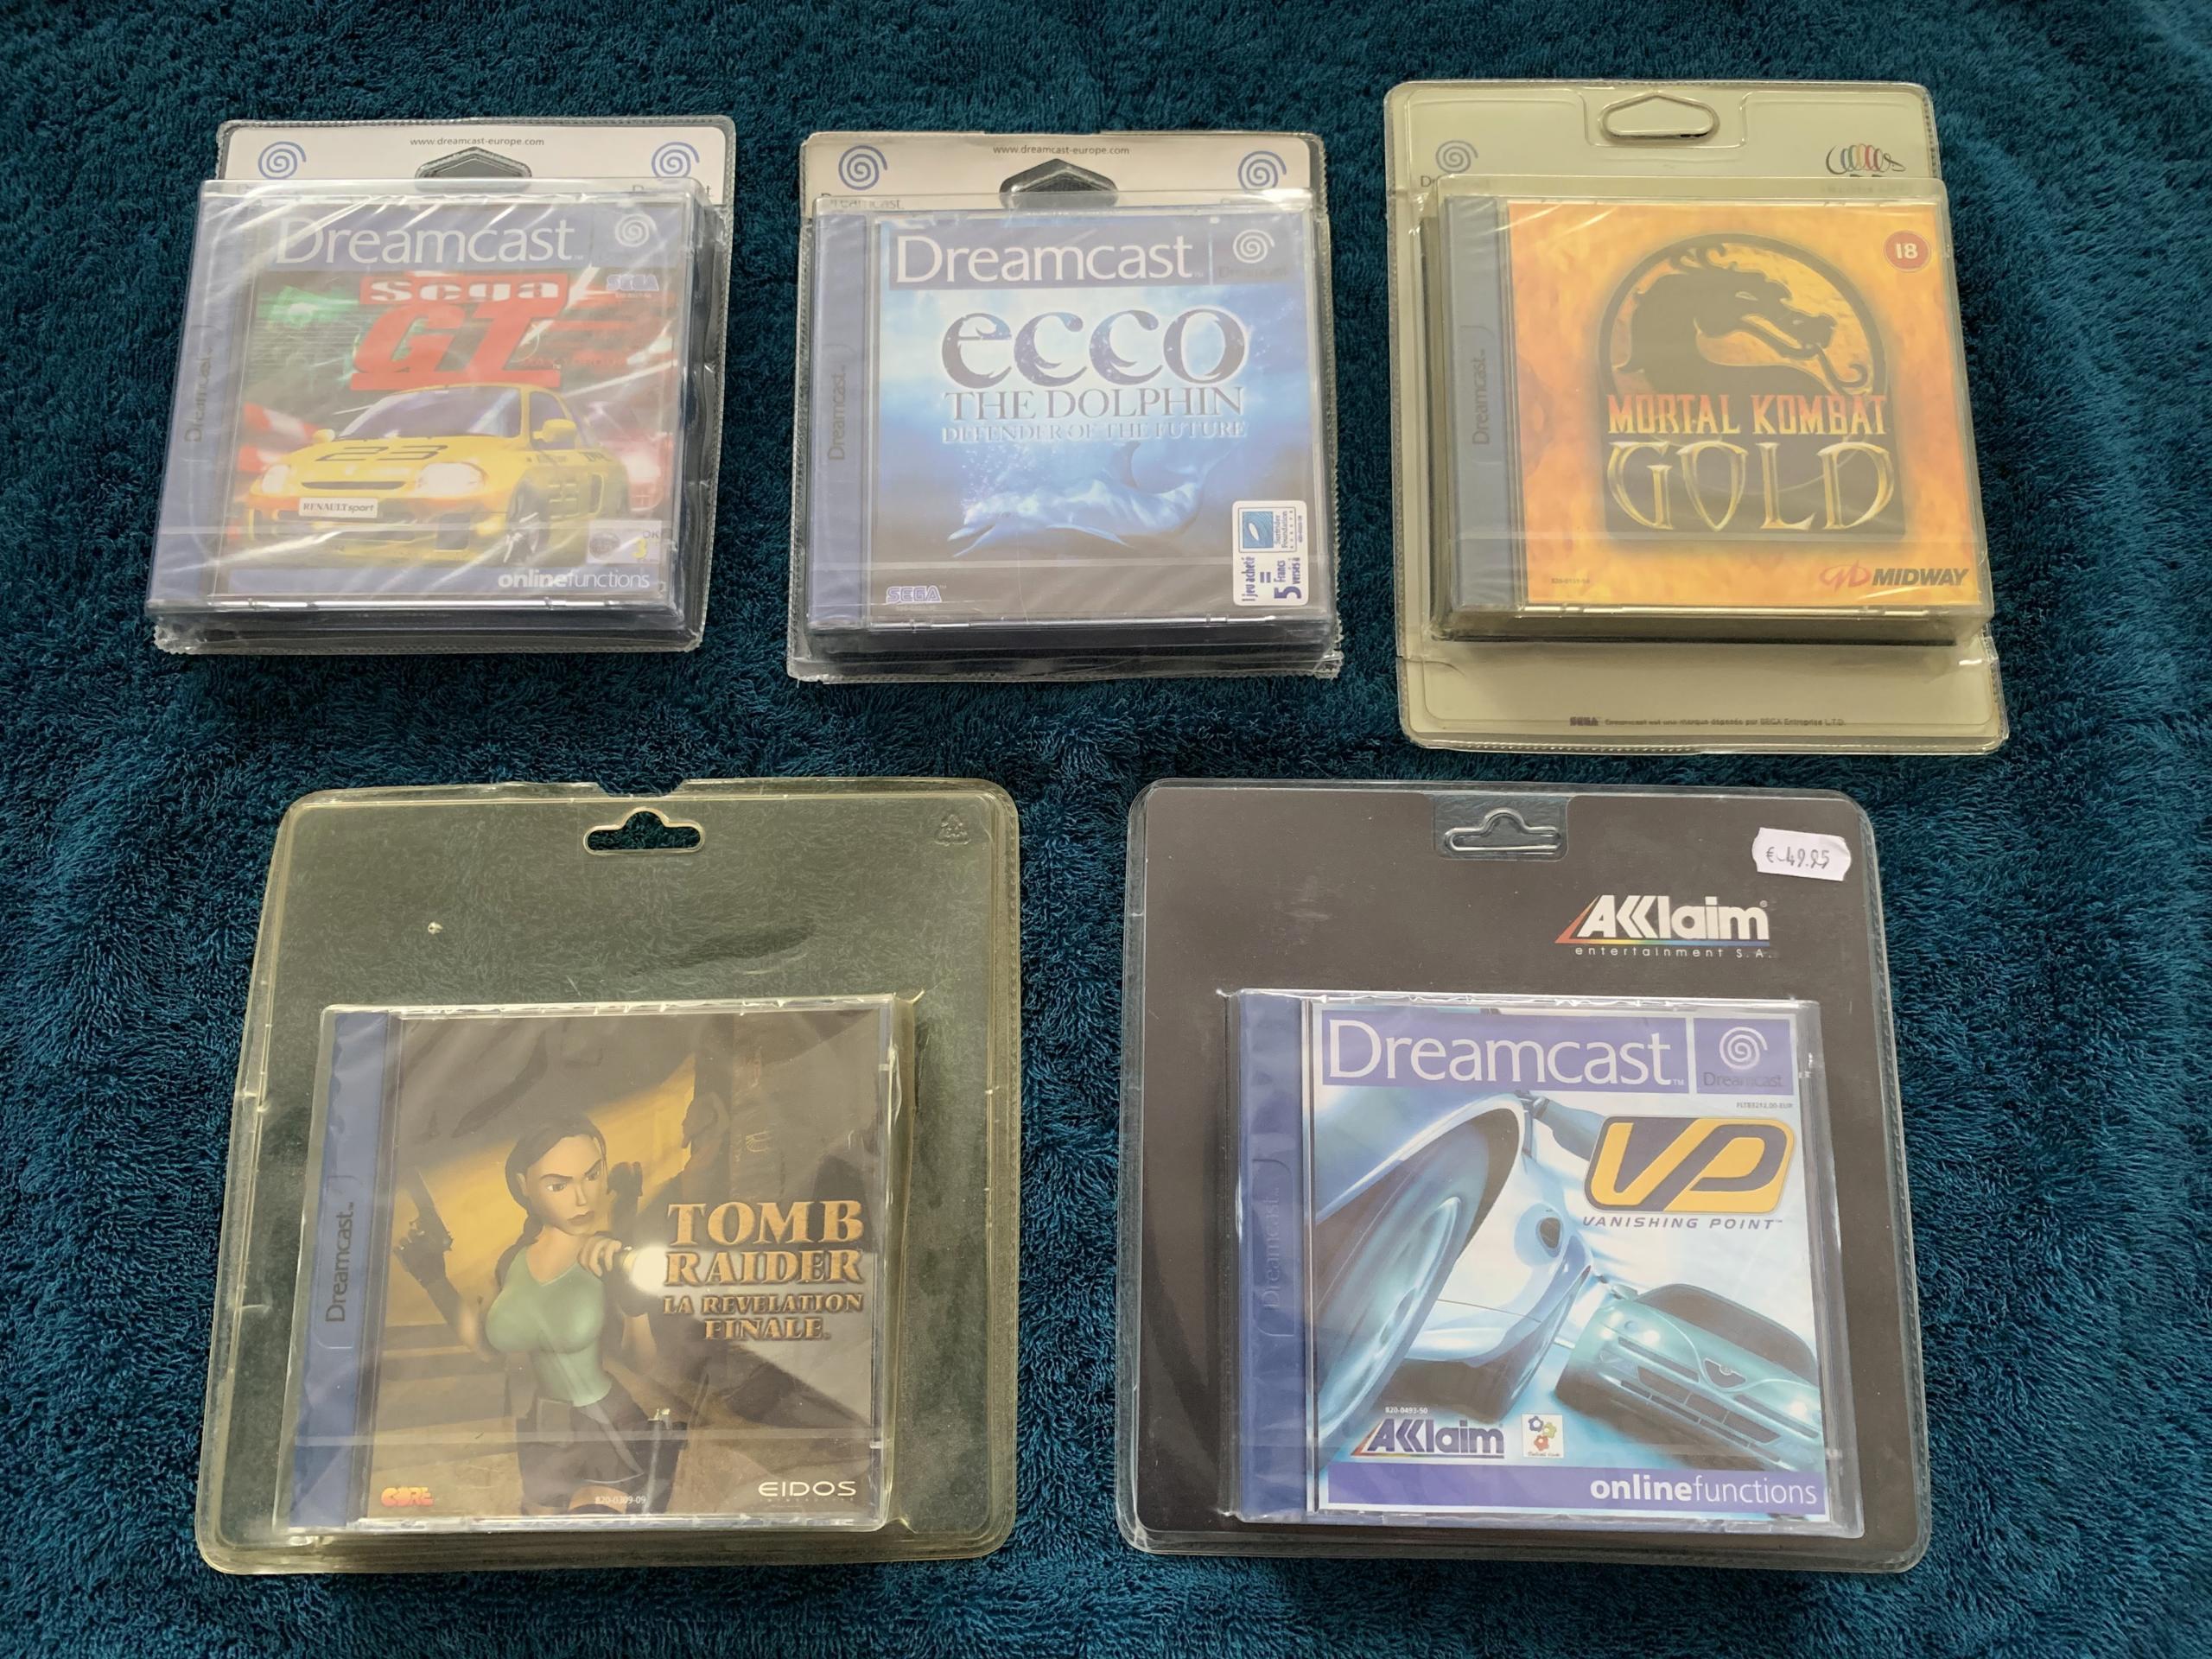 [VENDU] Fullset Jeux Dreamcast, Accessoires, Promo, Rigides... - 350 pièces - NEUF SOUS BLISTER 024_bl10